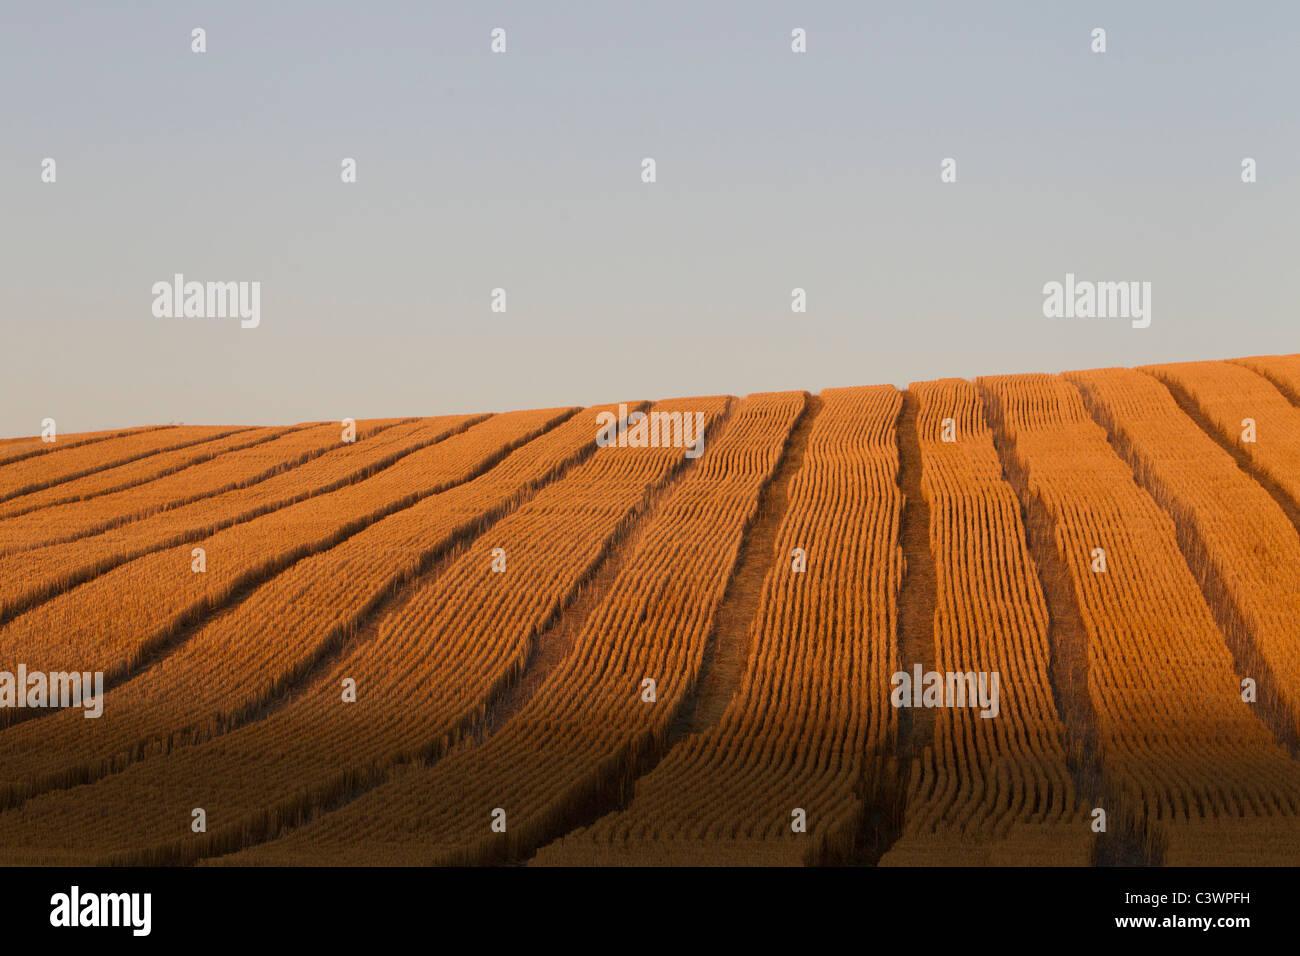 Golden Rolling Palouse campi con tracce di mietitrebbia, Eastern Washington, Stati Uniti d'America Immagini Stock